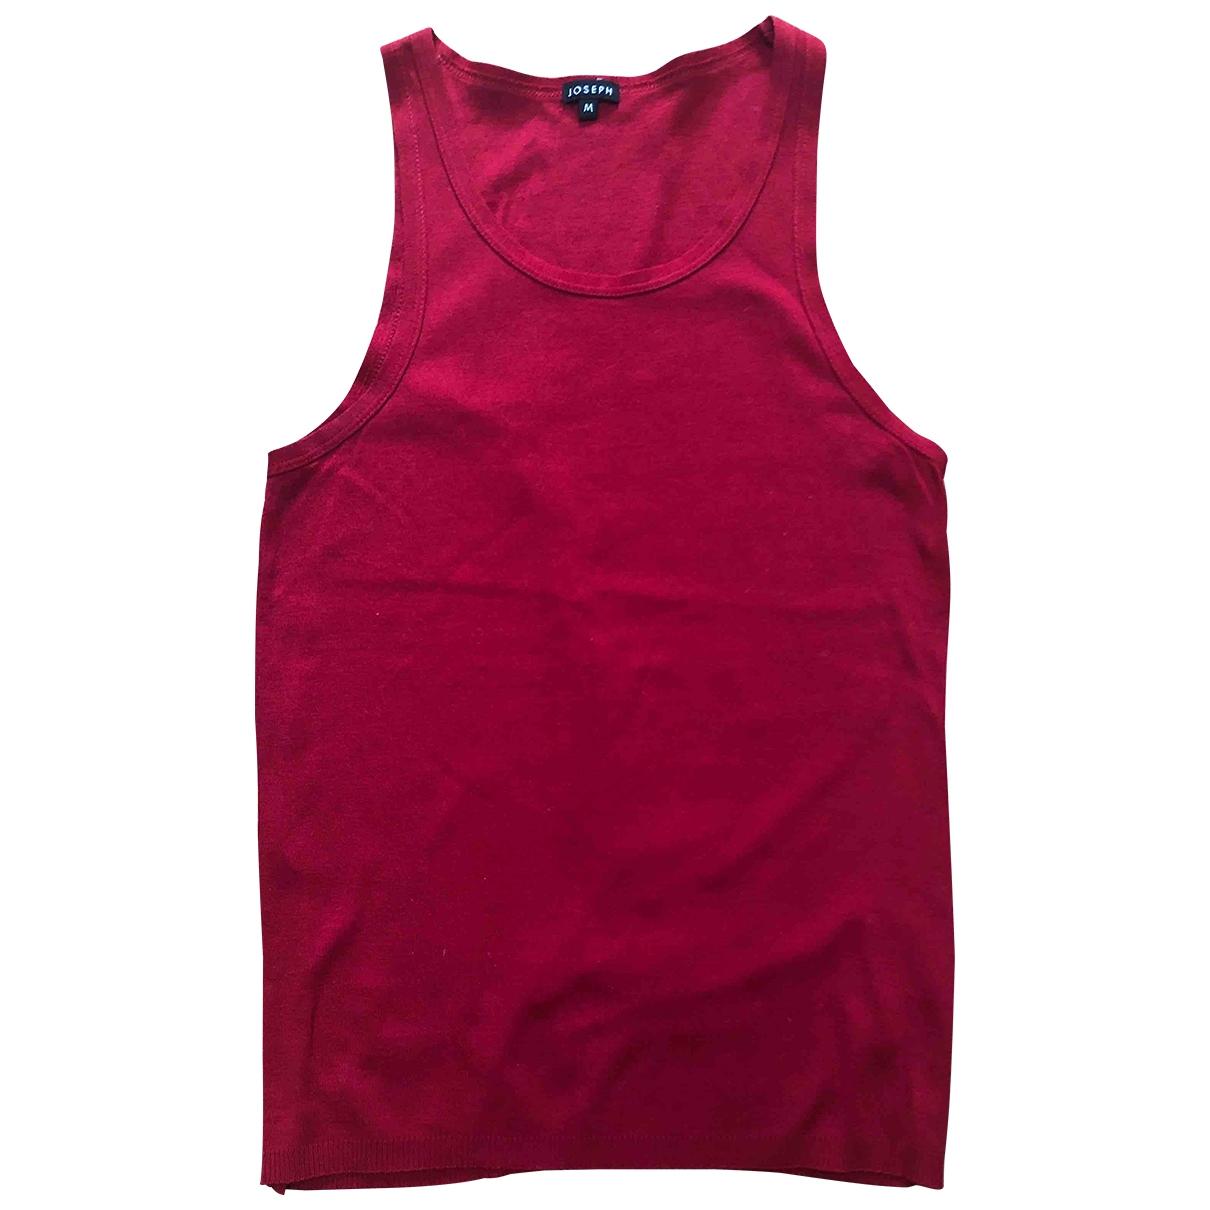 Joseph - Top   pour femme en coton - rouge